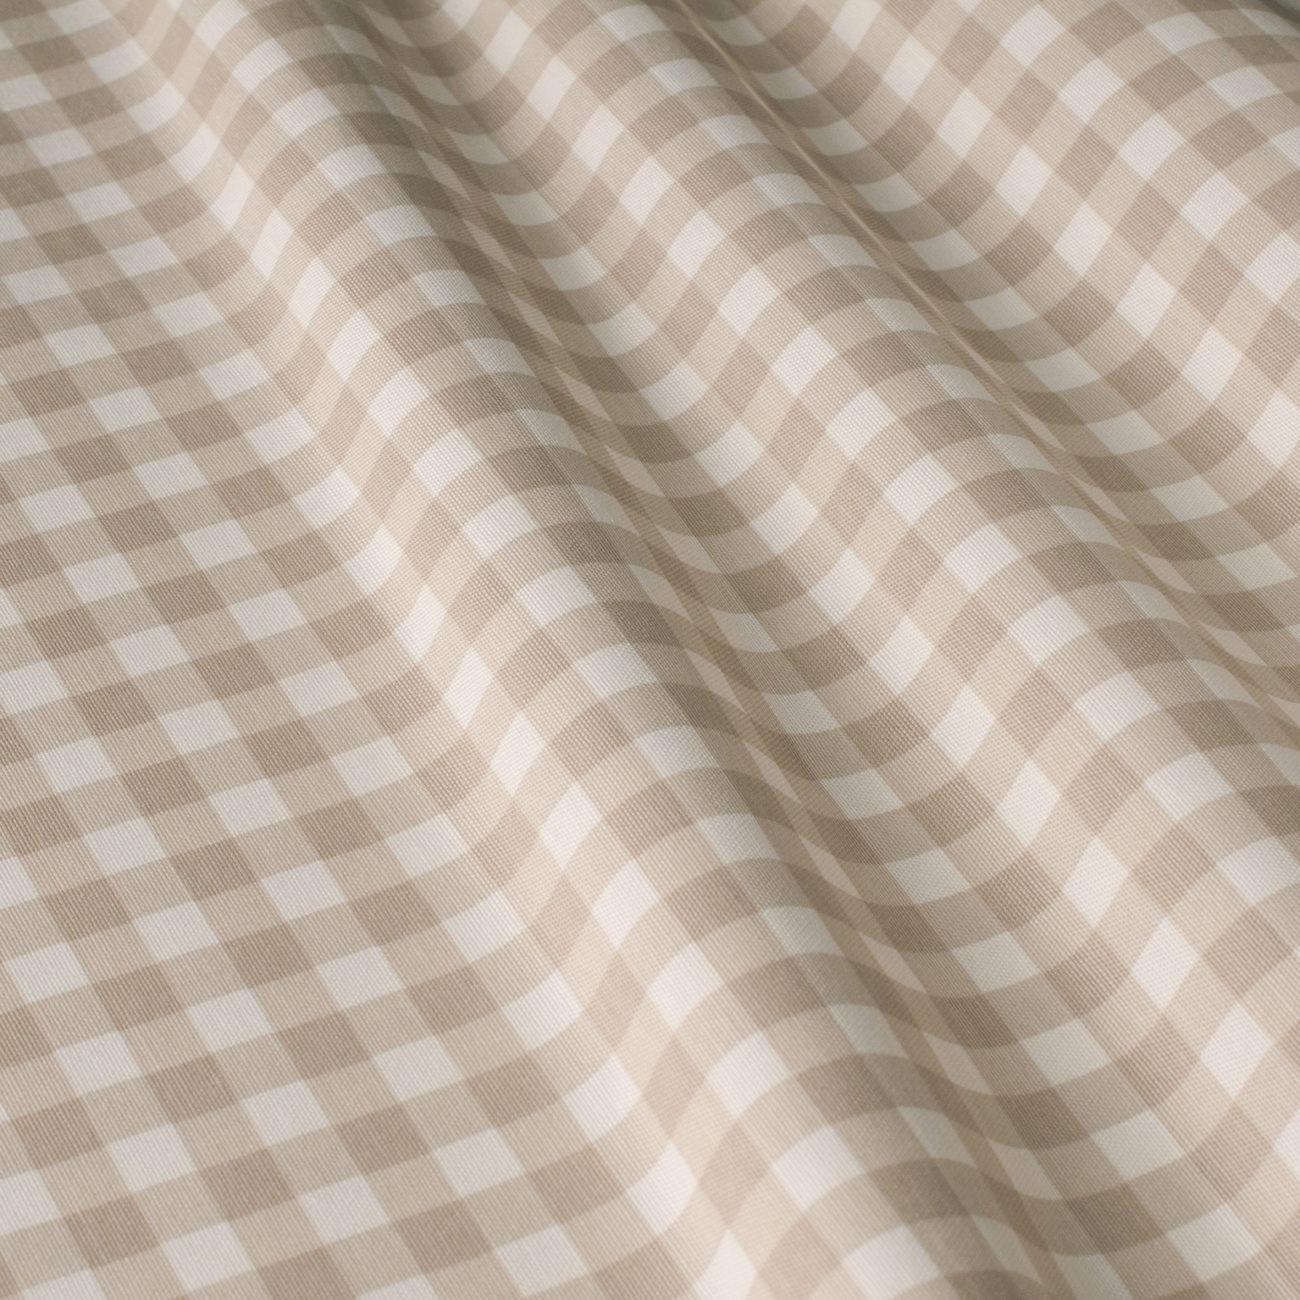 Mantel ⚫ BISTROTBEIGE cuadrícula1,3cm diámetro 150cm [retirooenvíoen 5·7díashábiles]